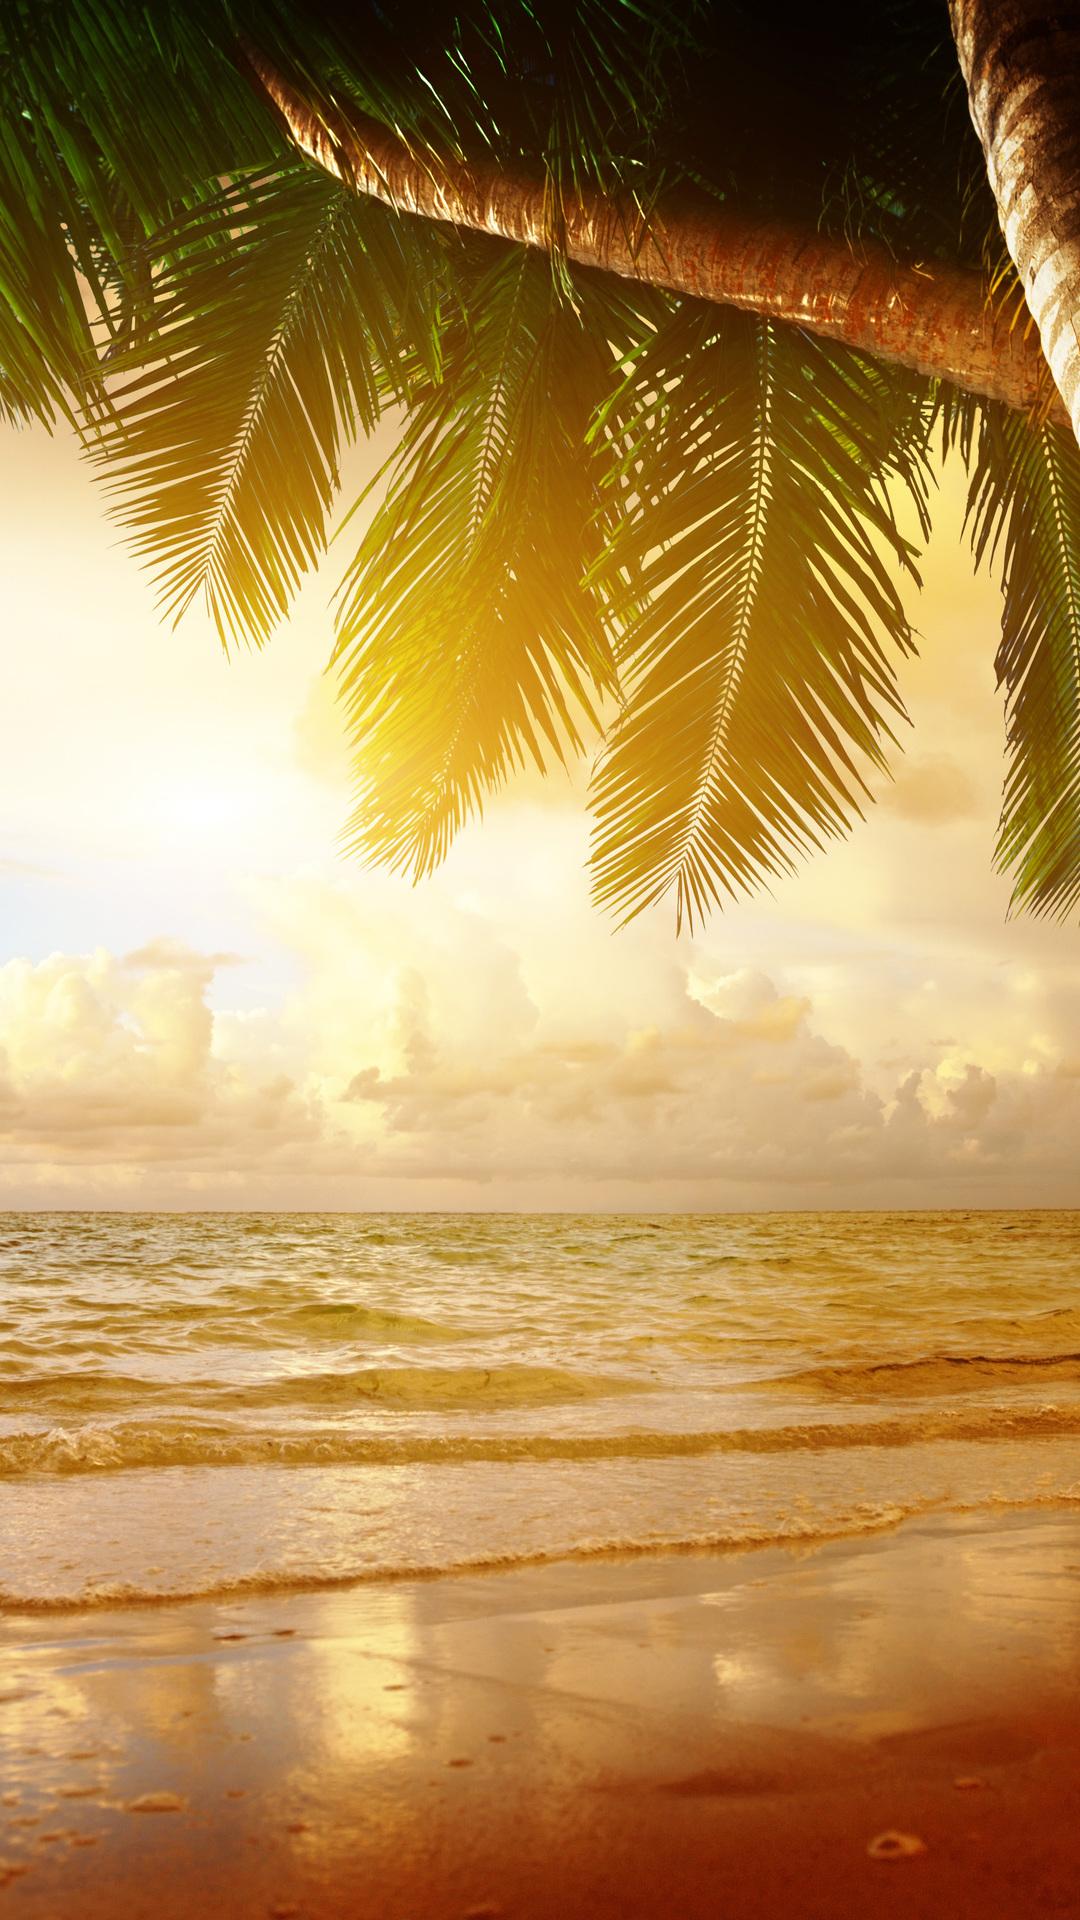 Sea, Palm, Ocean, Tropical, Sunset, Summer, Beach, - High Resolution Summer Desktop Backgrounds - HD Wallpaper